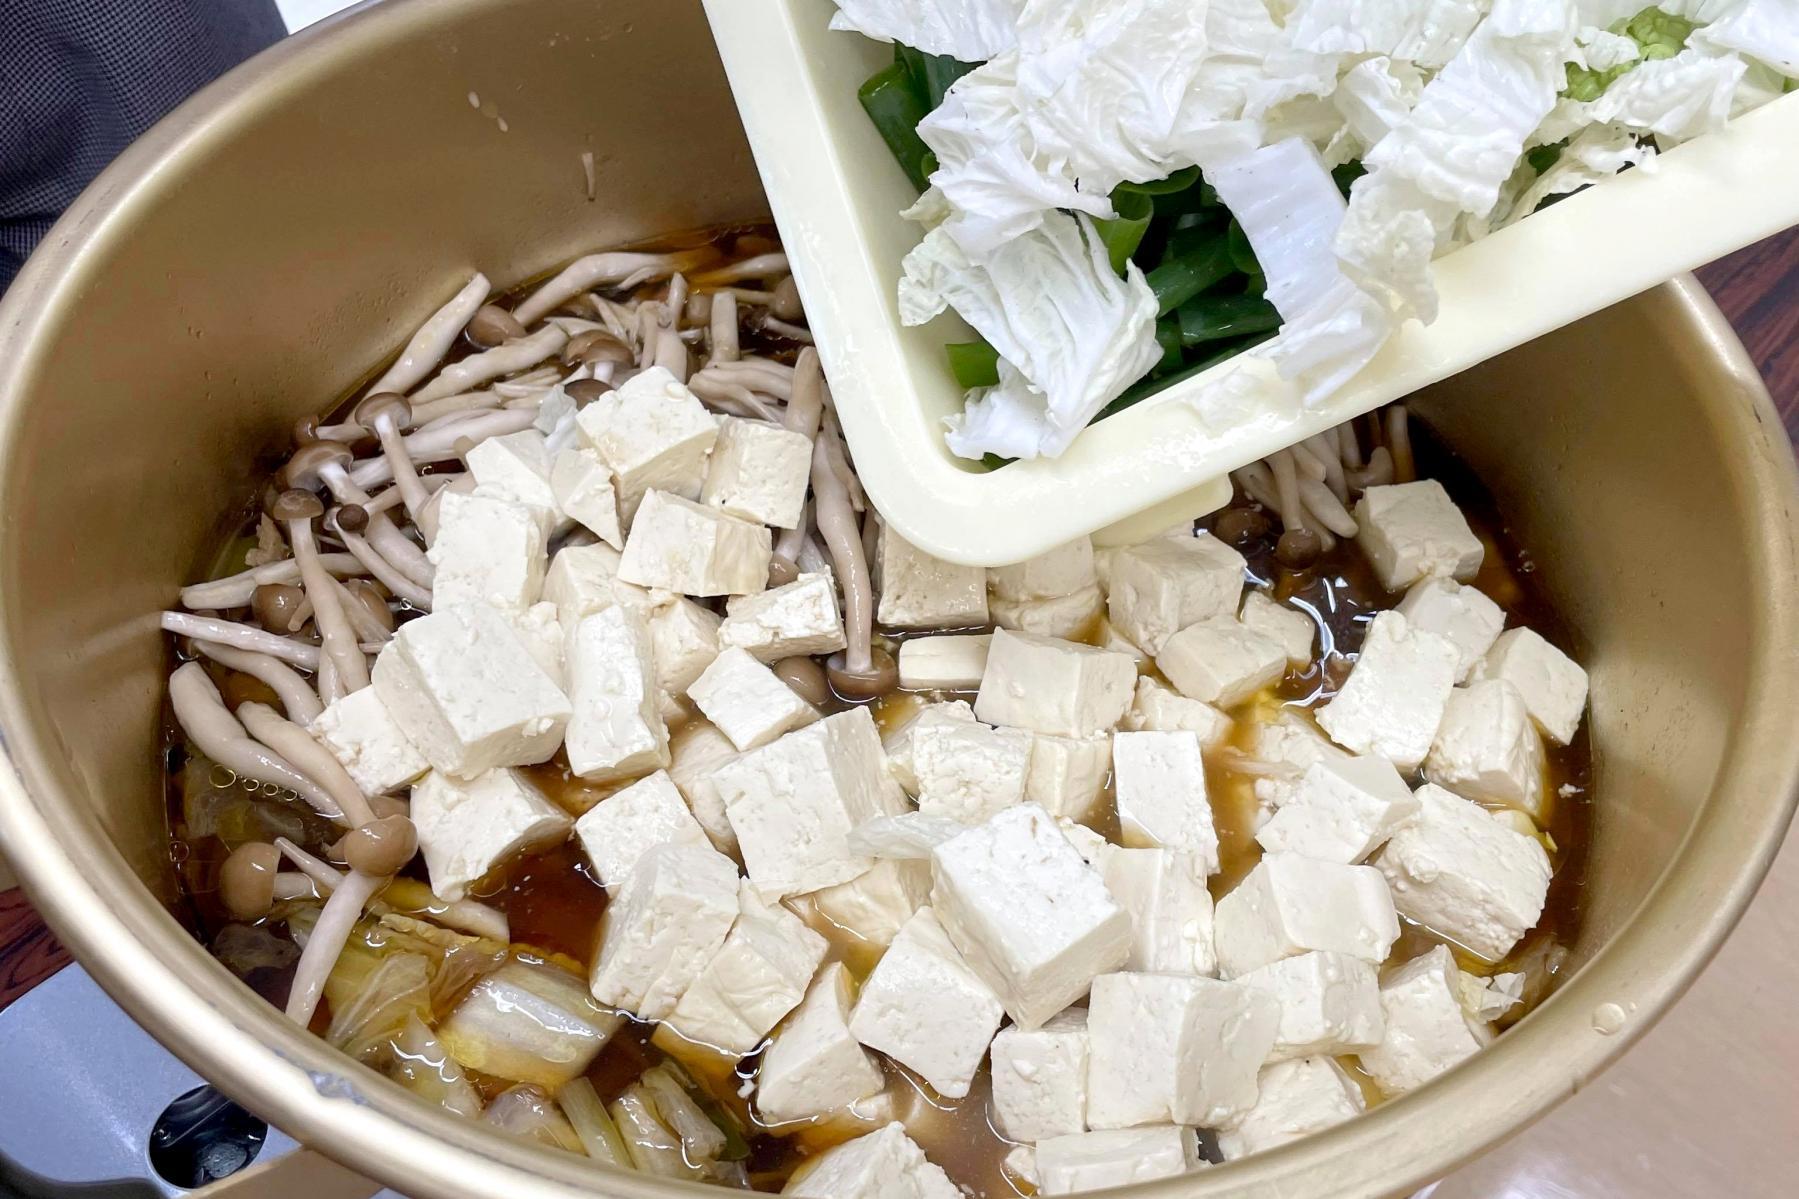 自分で作った豆腐はまた格別!!『壱州豆腐つくり体験』-2